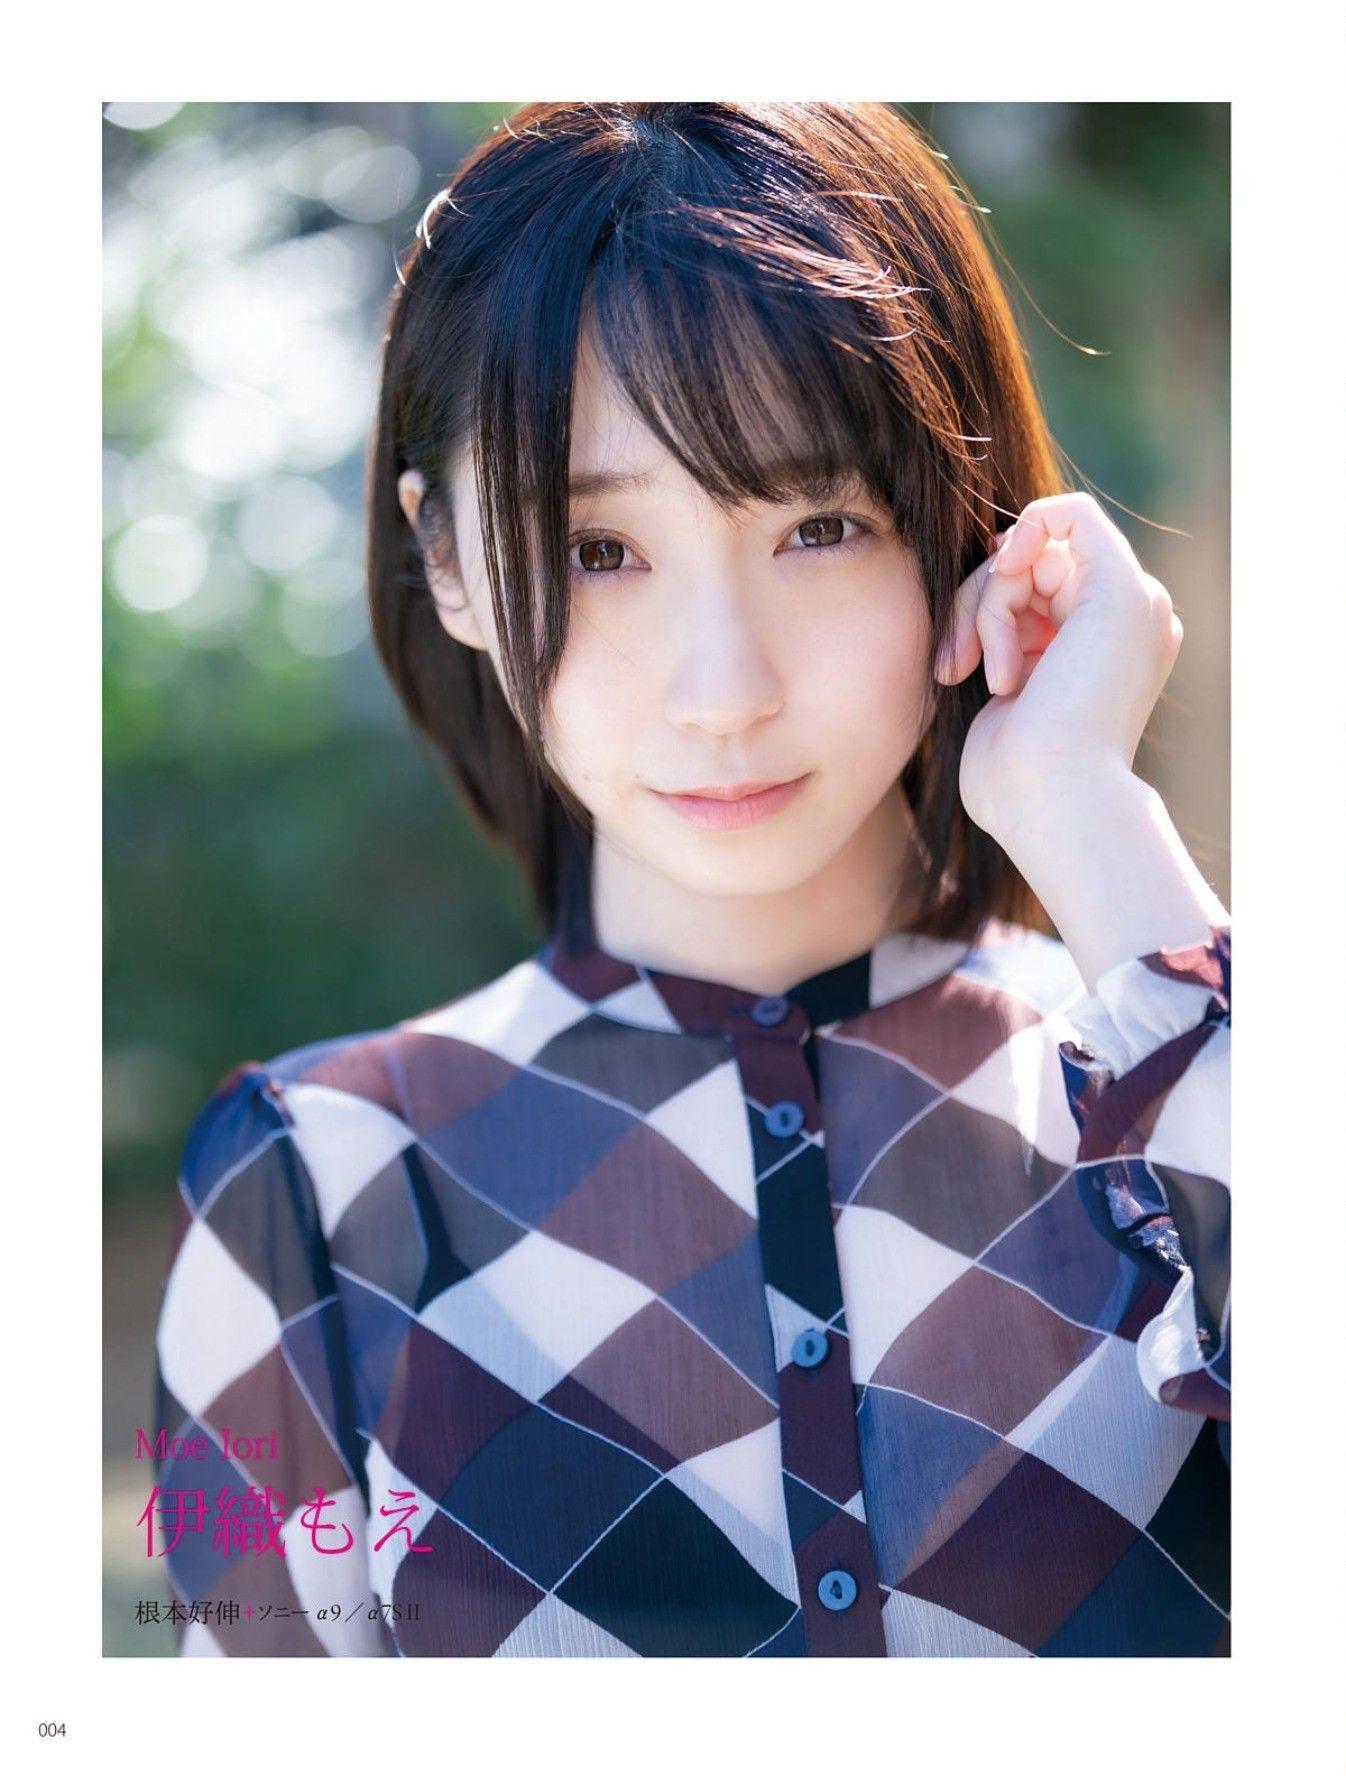 伊织萌 Moe Iori (2)b